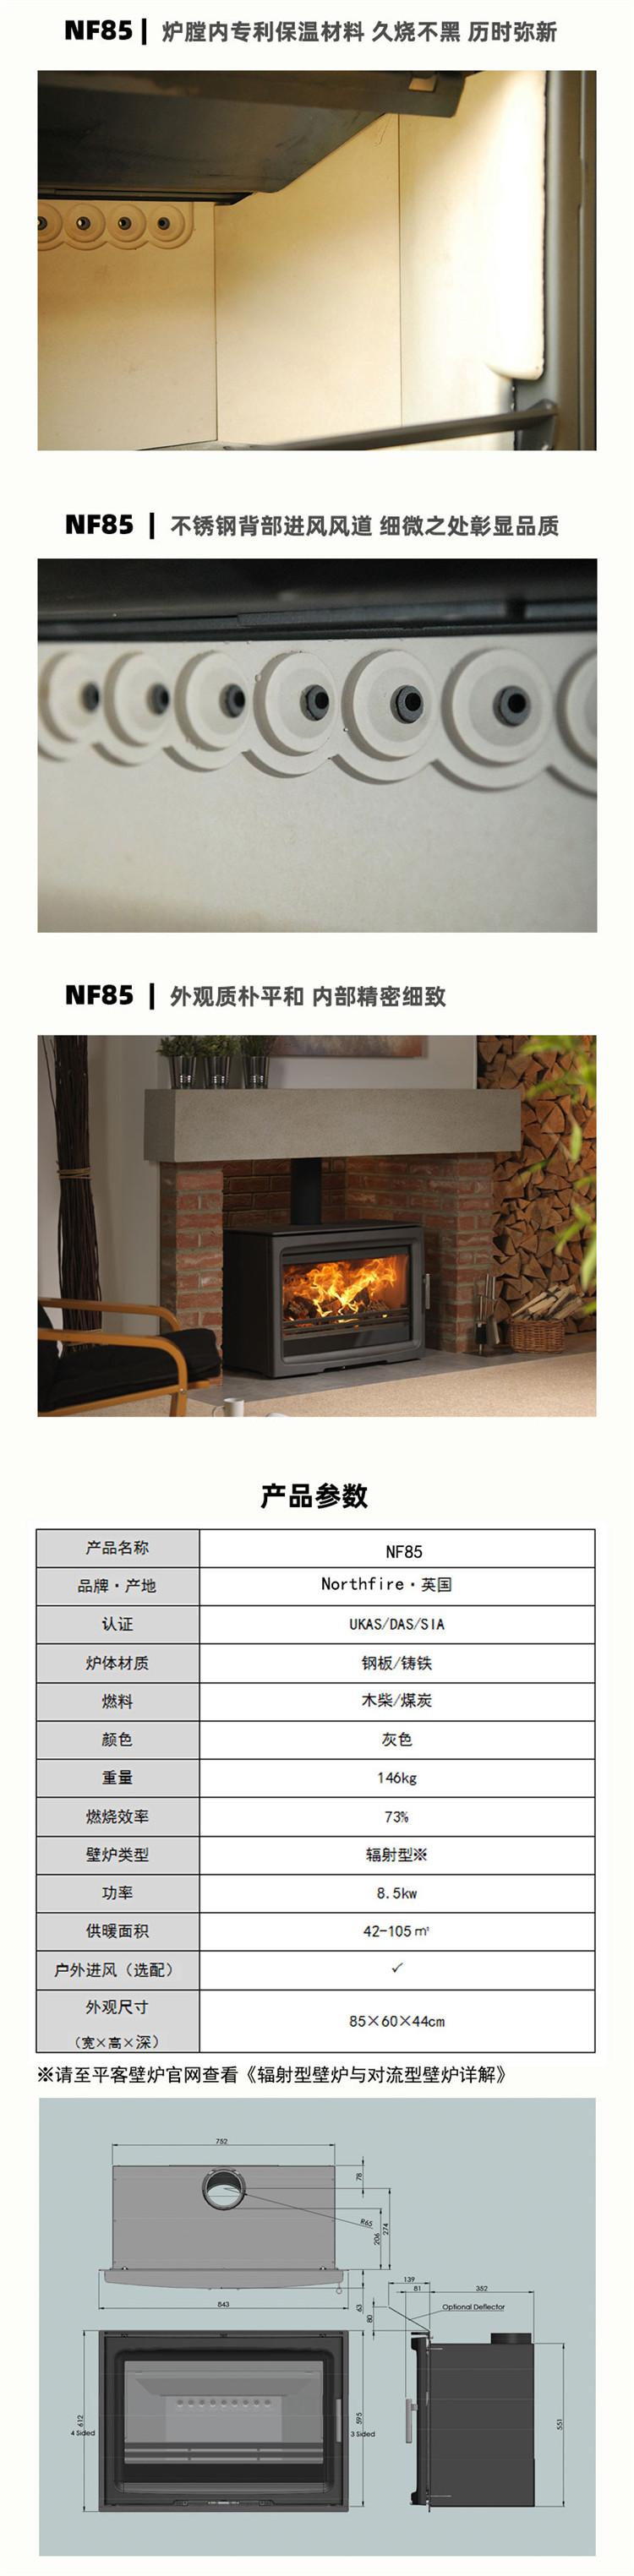 英国单面真火壁炉-Northfire(北火)-NF85.jpg